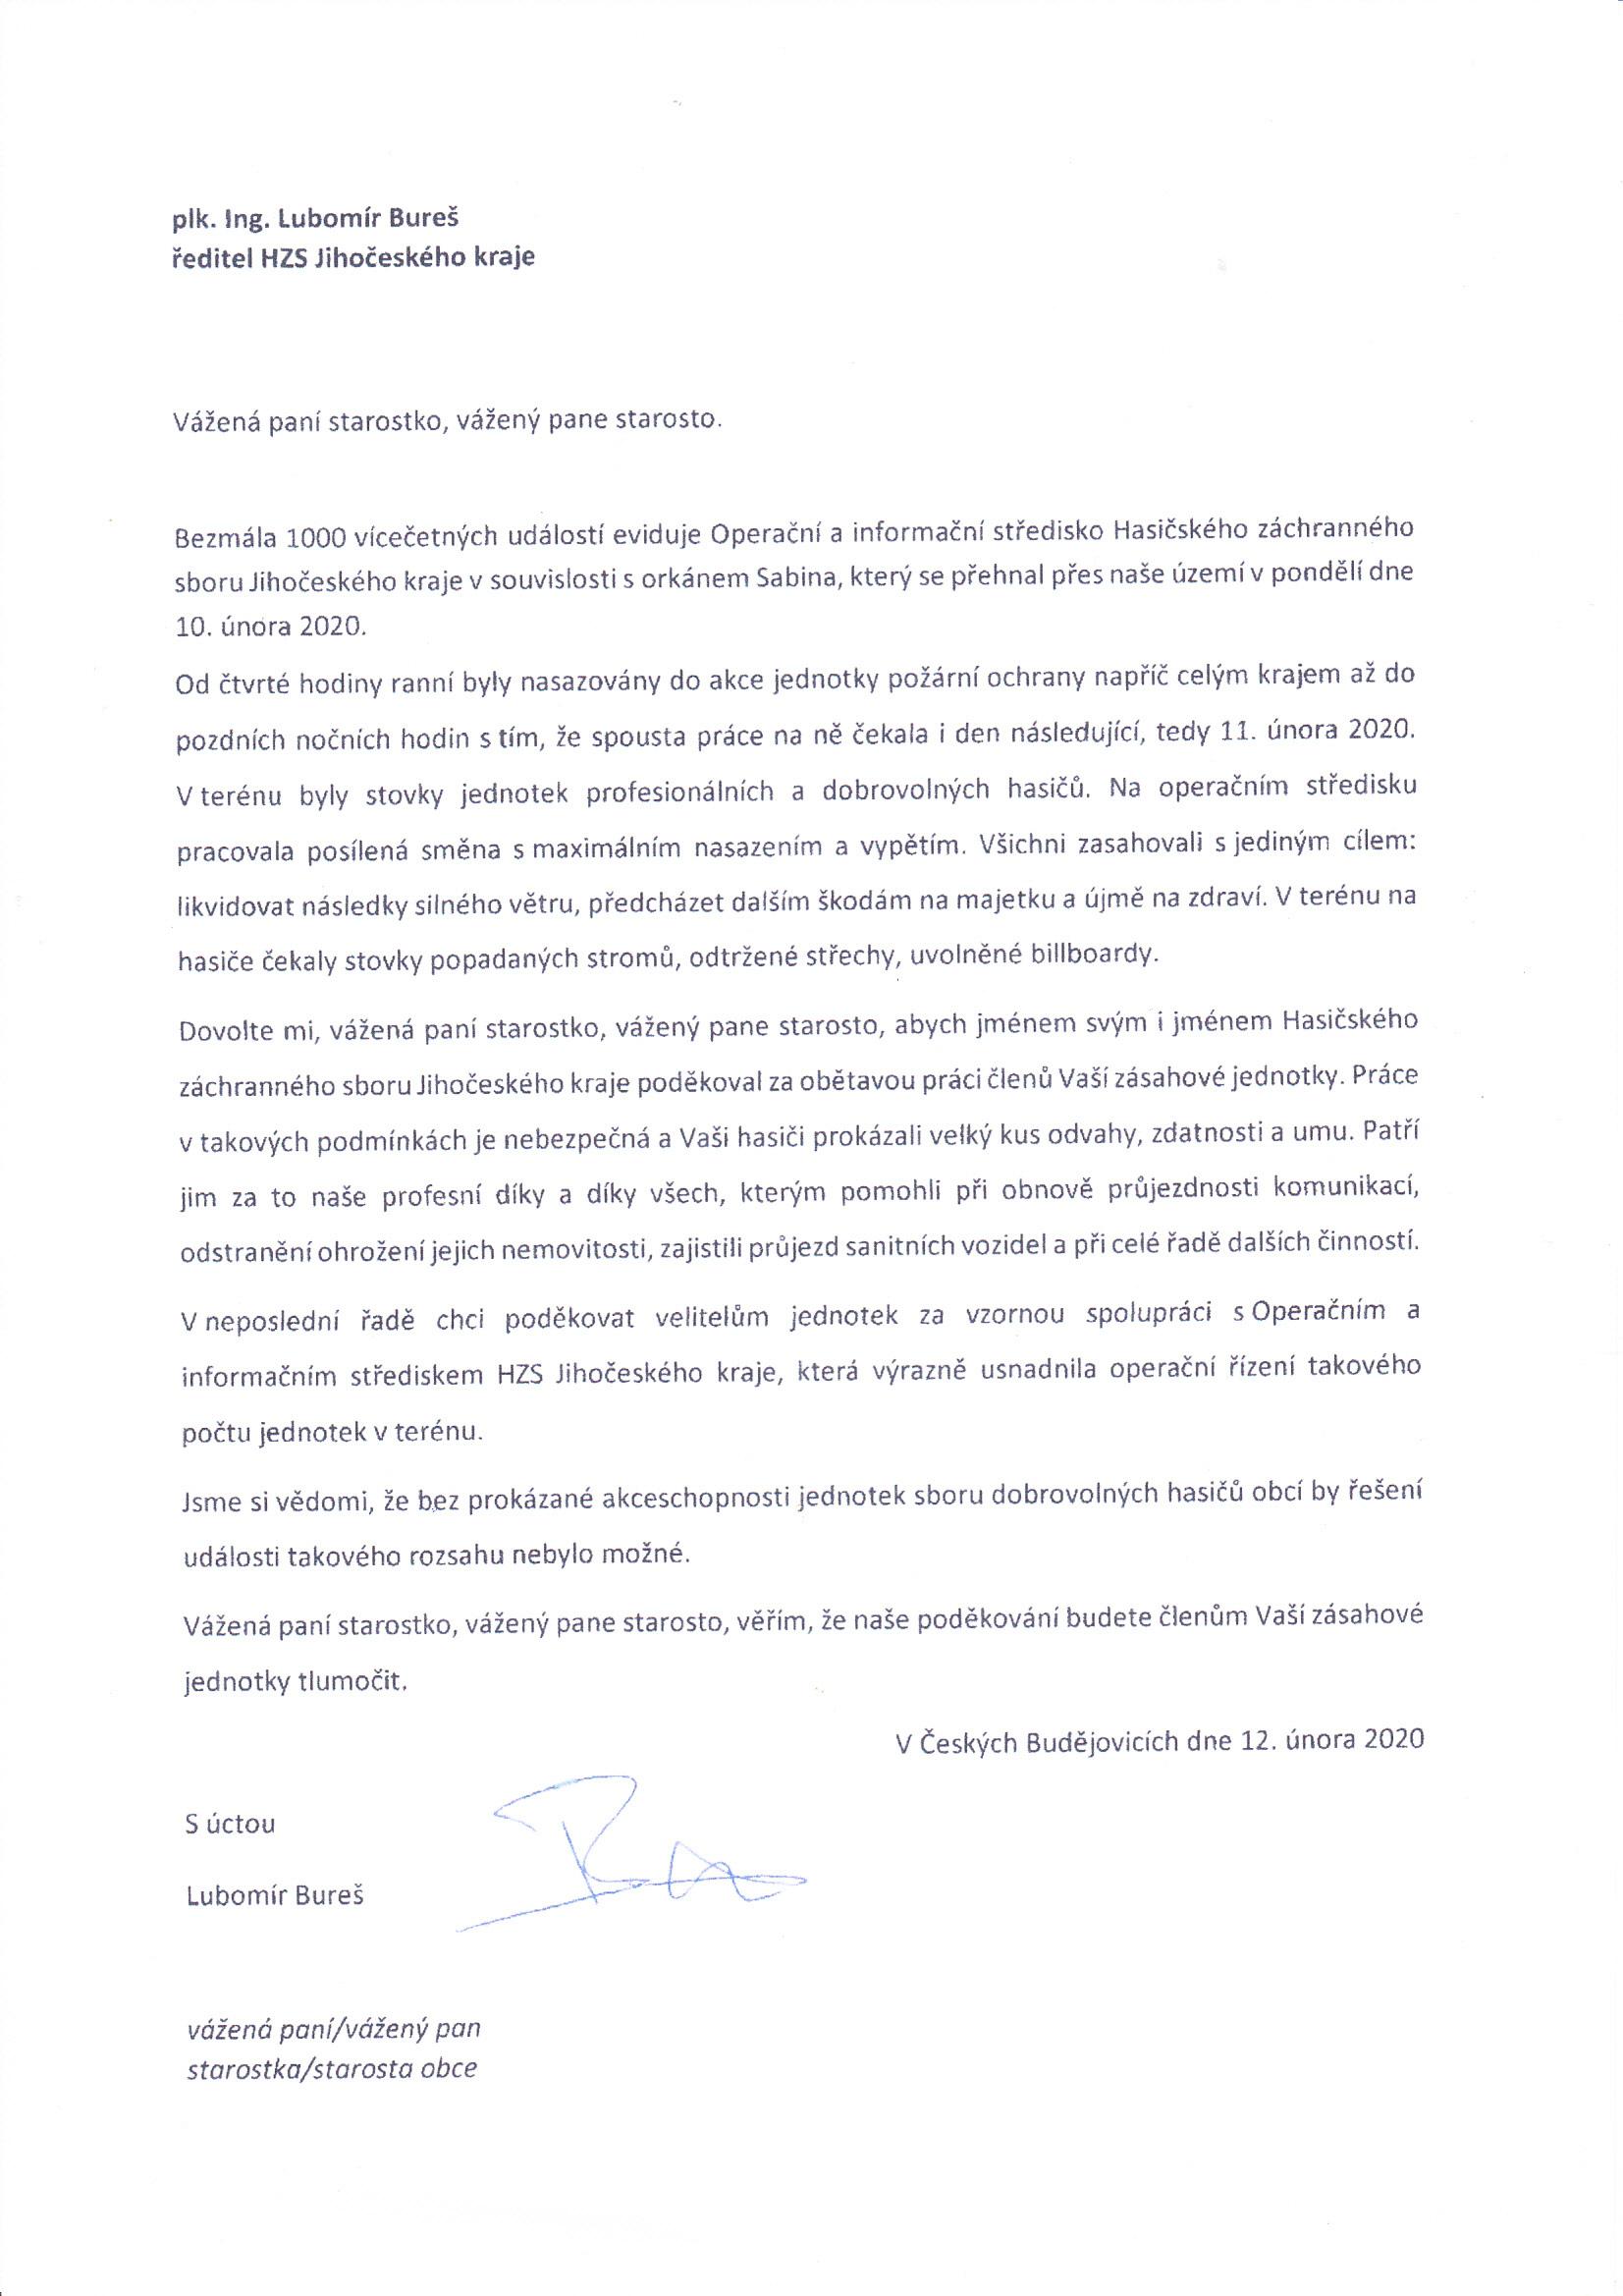 Poděkování velitele HZS JčK zásahovým jednotkám obcí